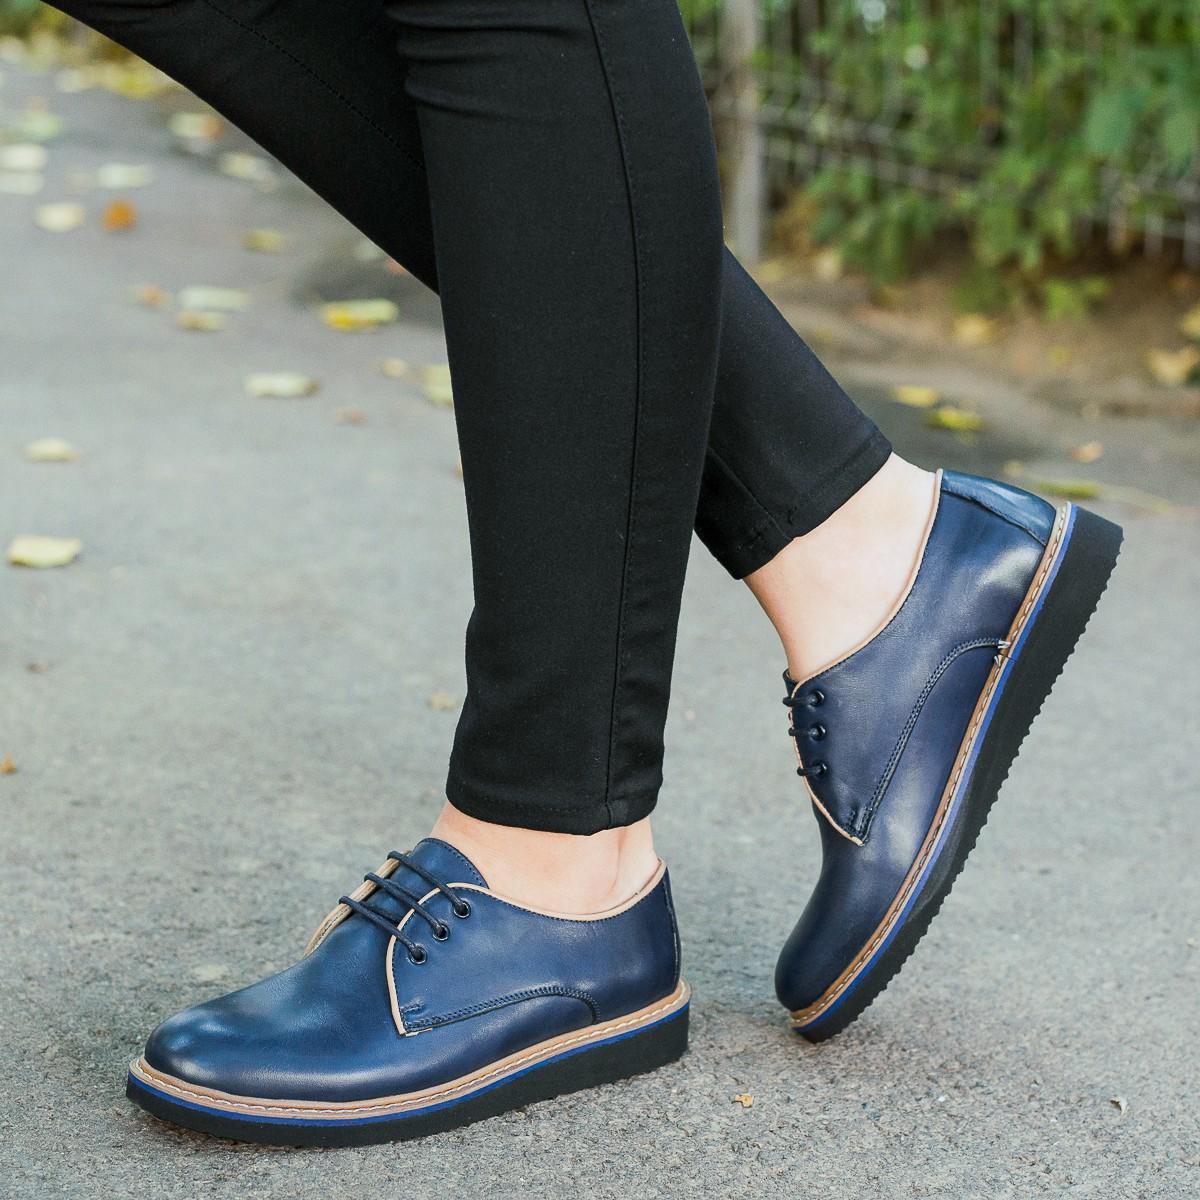 cel mai bine vândut priză nou ieftin Cum-se-aleg-pantofii-de-dama-din-piele-naturala – Peru.ro